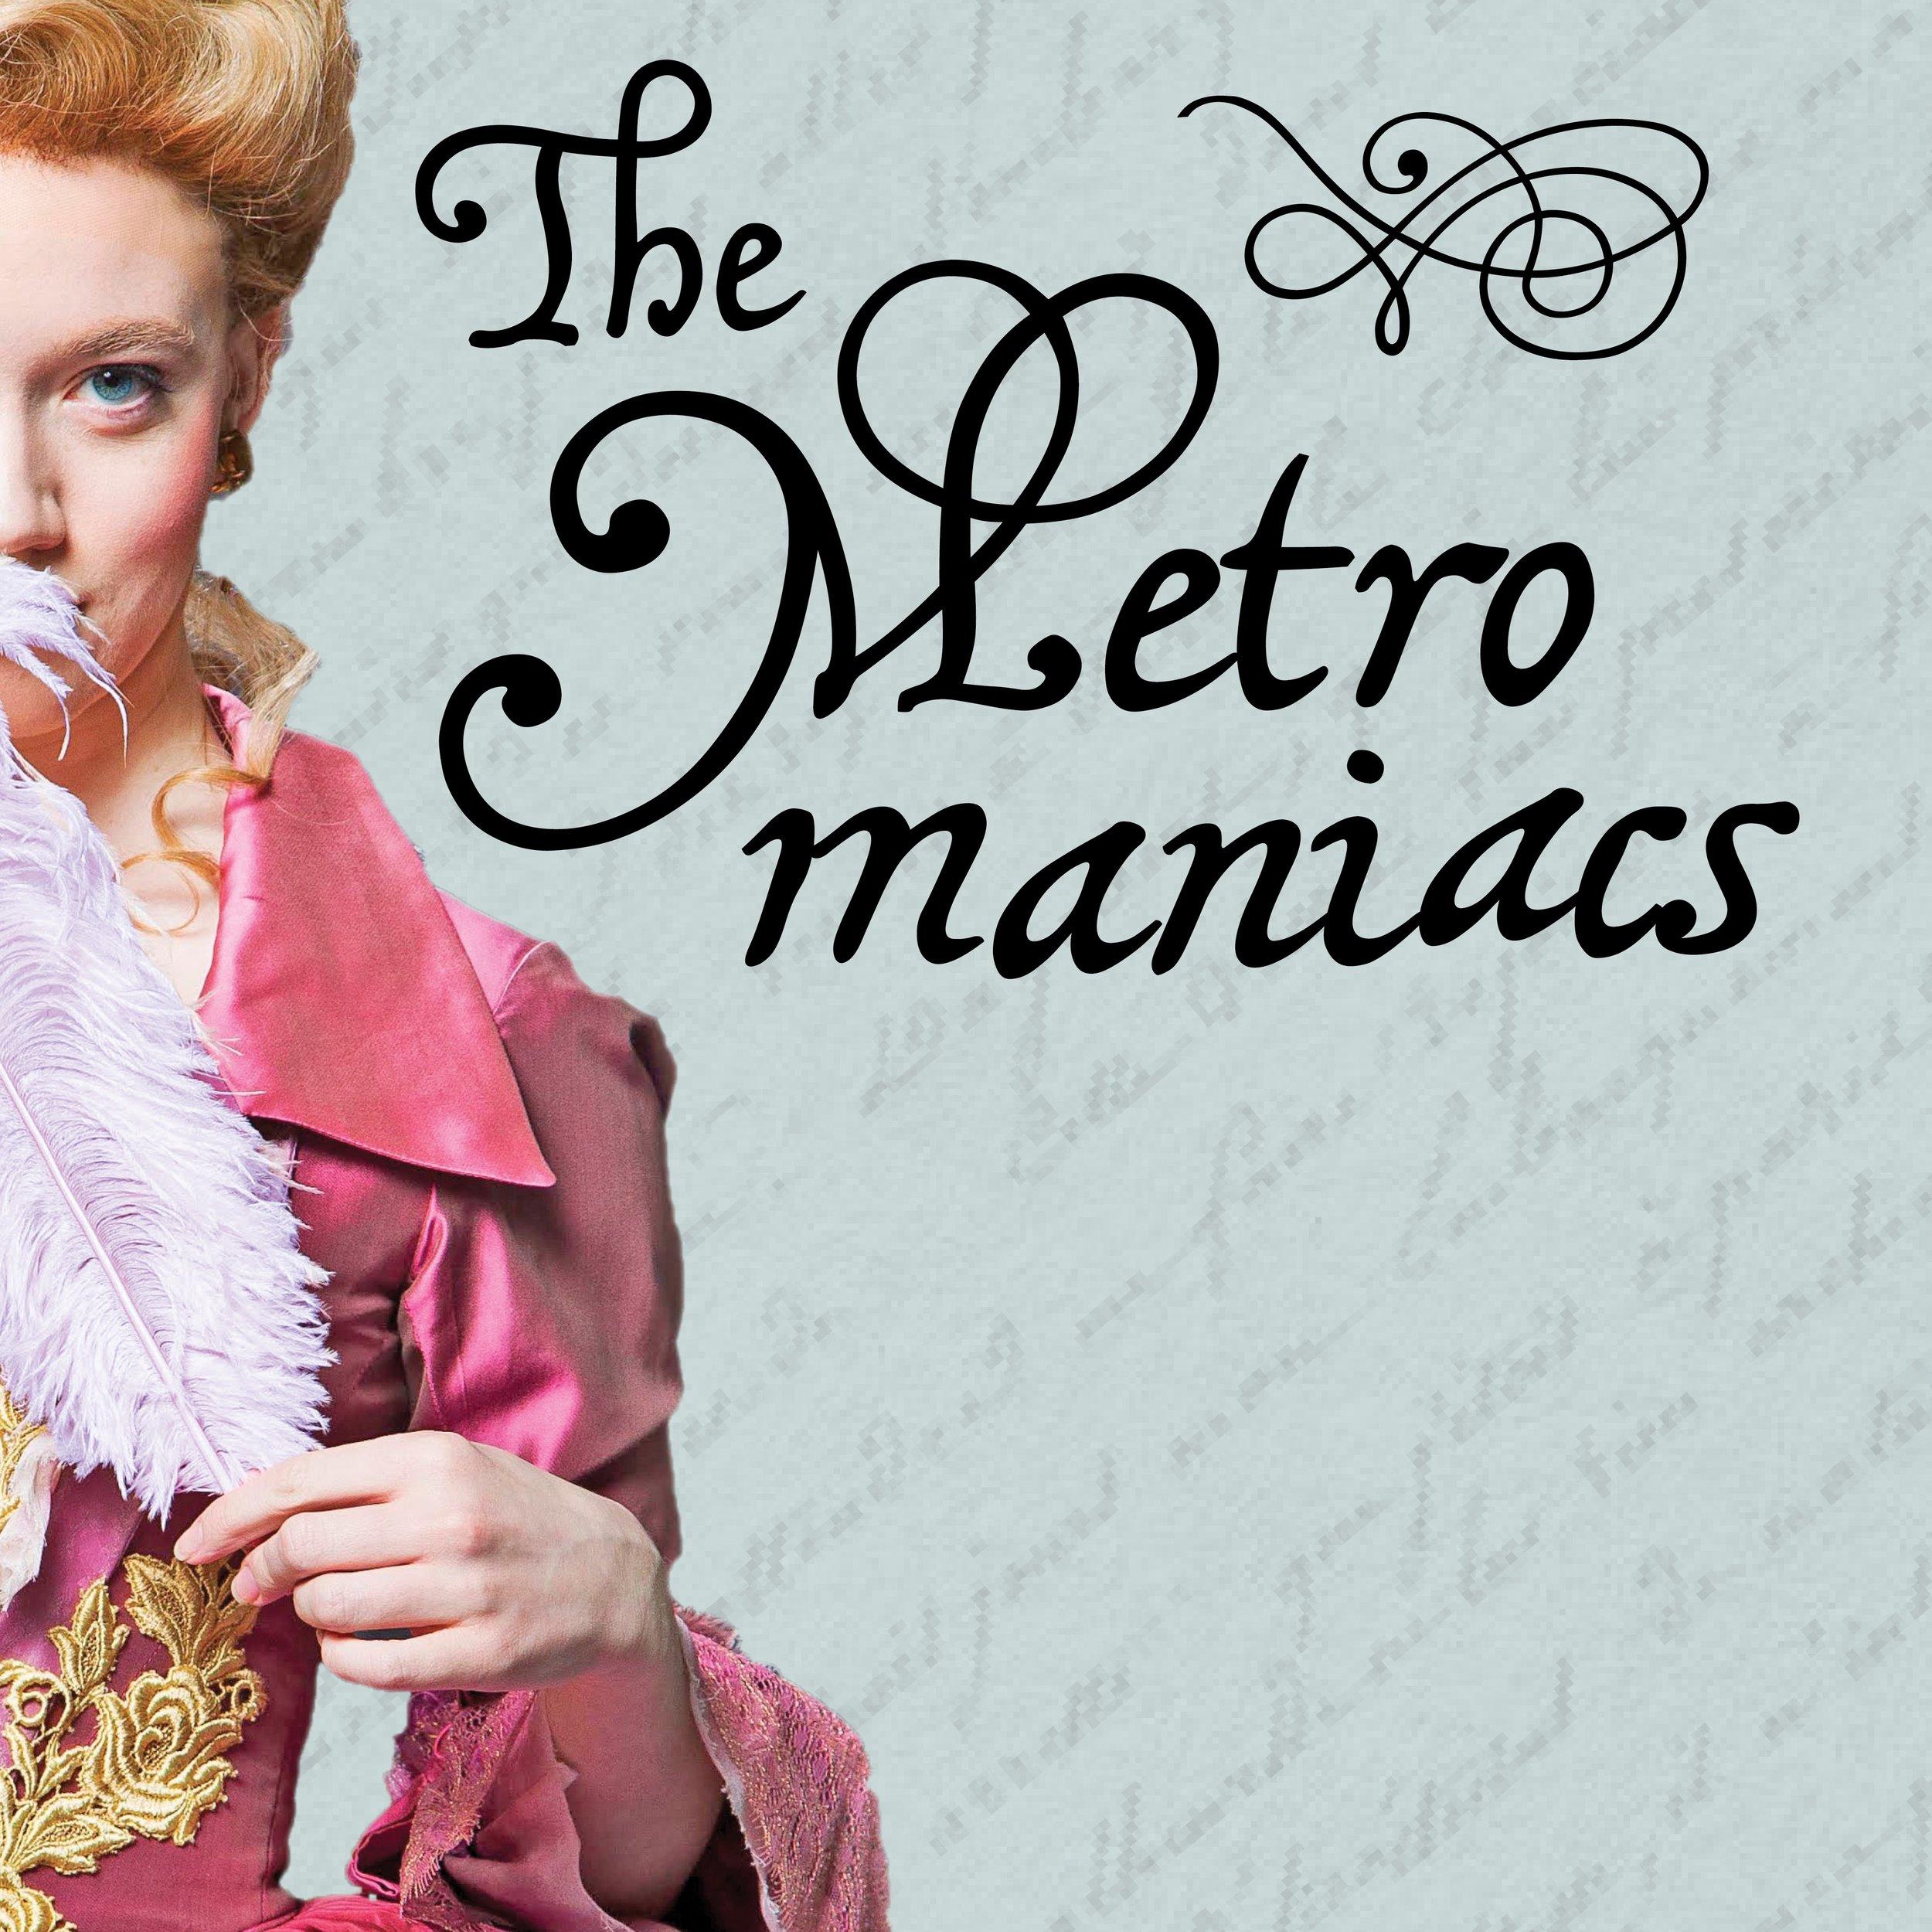 Metromaniacs 2 copy.jpg